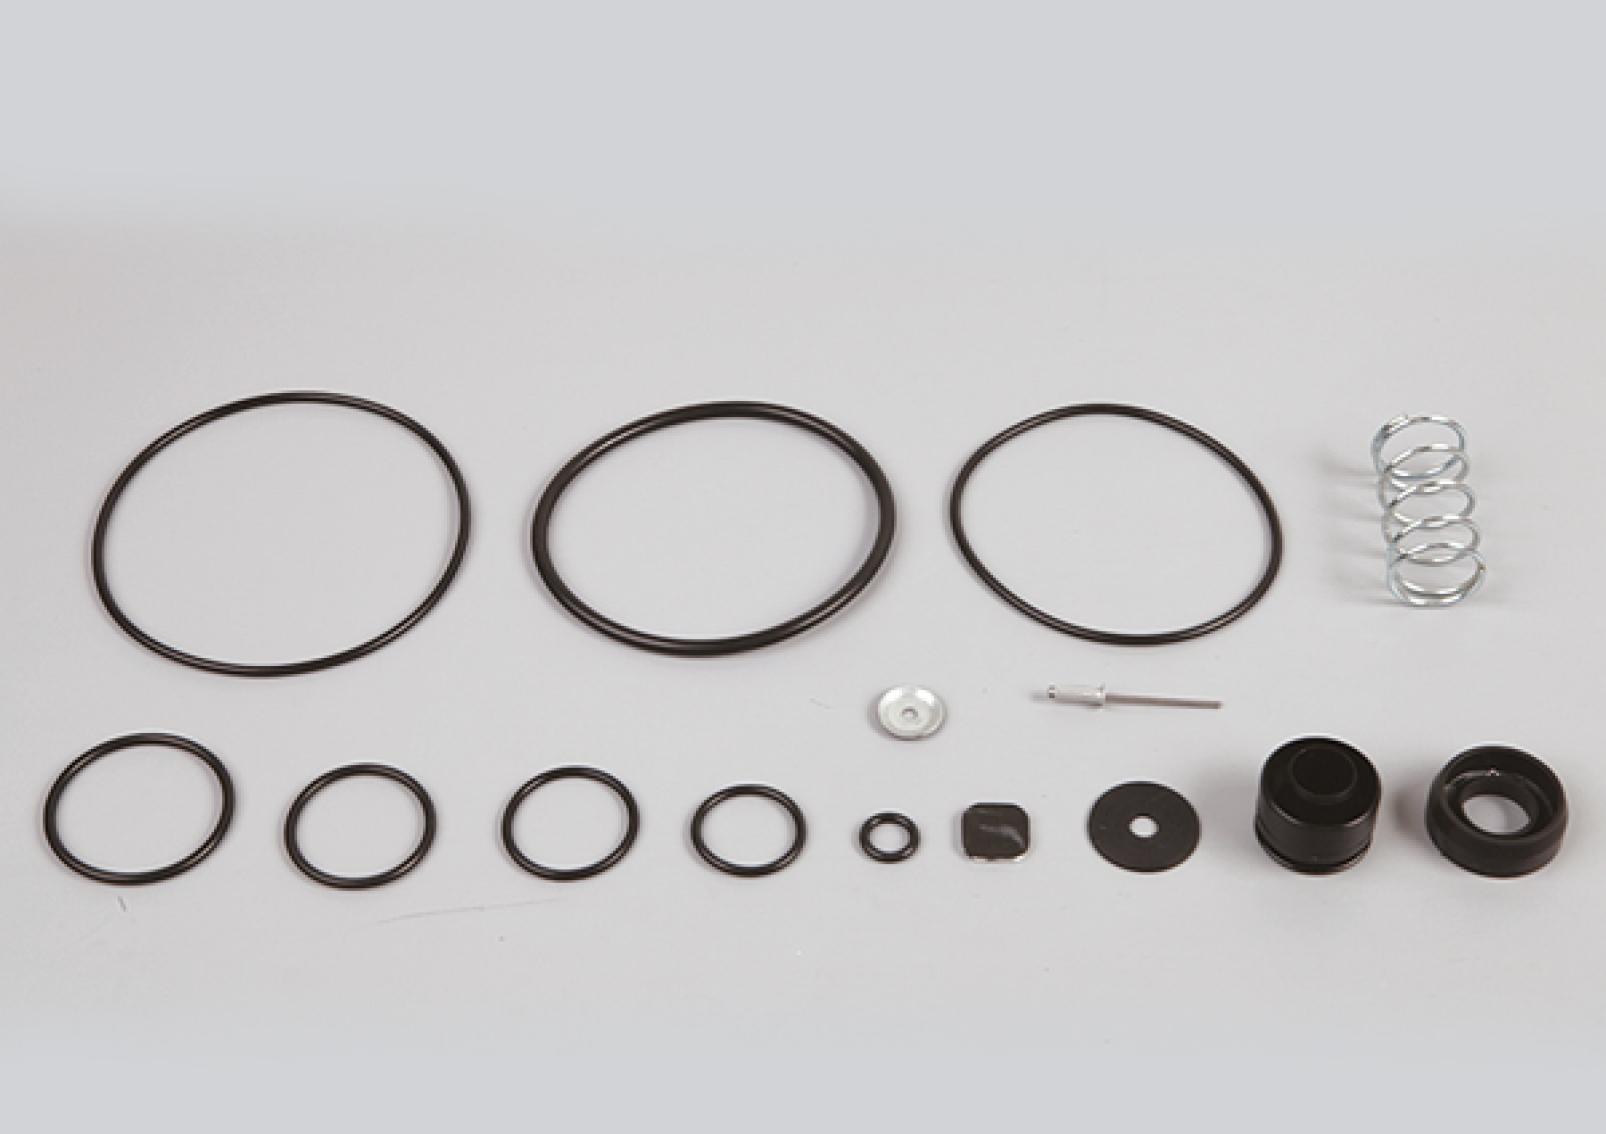 Relay Valve Repair Kit, 973 011 200 0